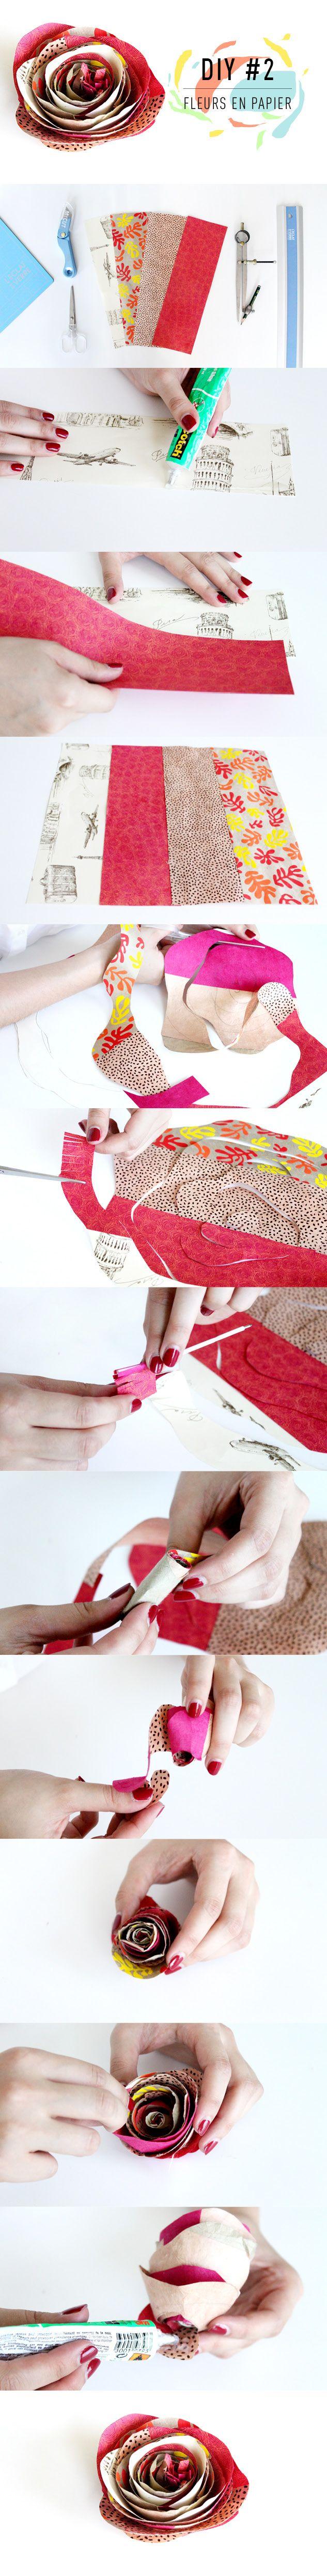 L'Éclat de Verre Encadreur - Créateur vous propose une série de DIY pour apprendre à réaliser des fleurs en papier ! Avec le DIY#2 réalisez une rose ! Rendez-vous sur le blog pour plus d'explications http://www.eclatdeverre.com/diy-2-fleur-papier-rose/ #eclatdeverre #papier #diy #tuto #rose